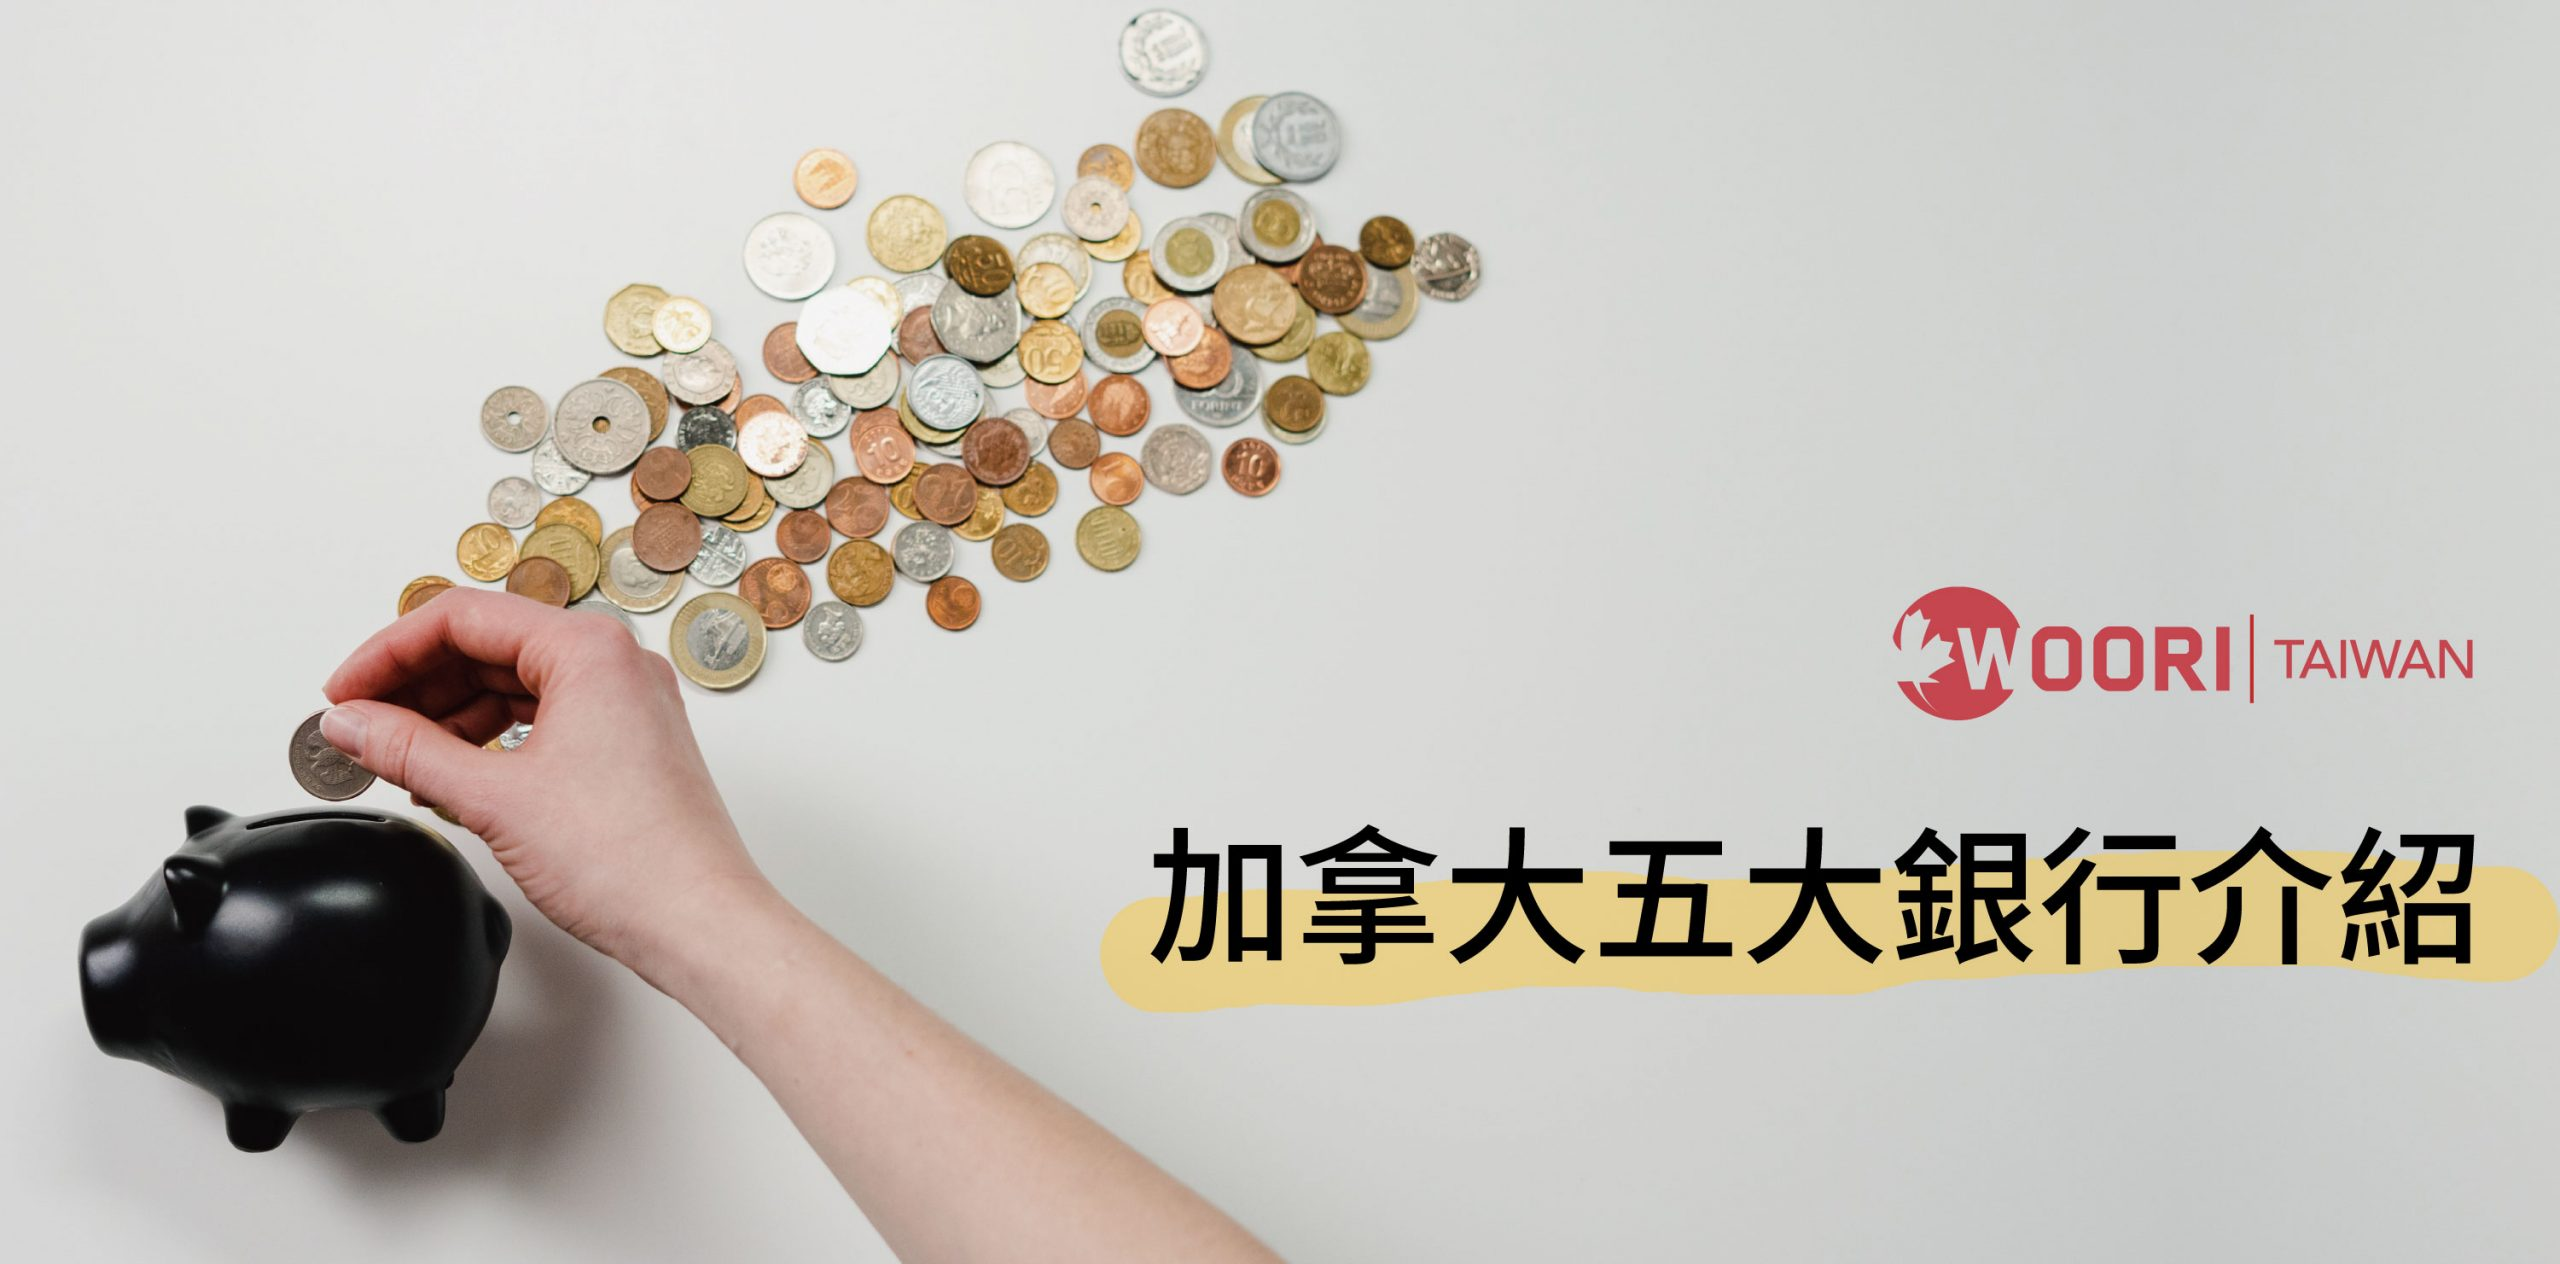 加拿大五大銀行介紹